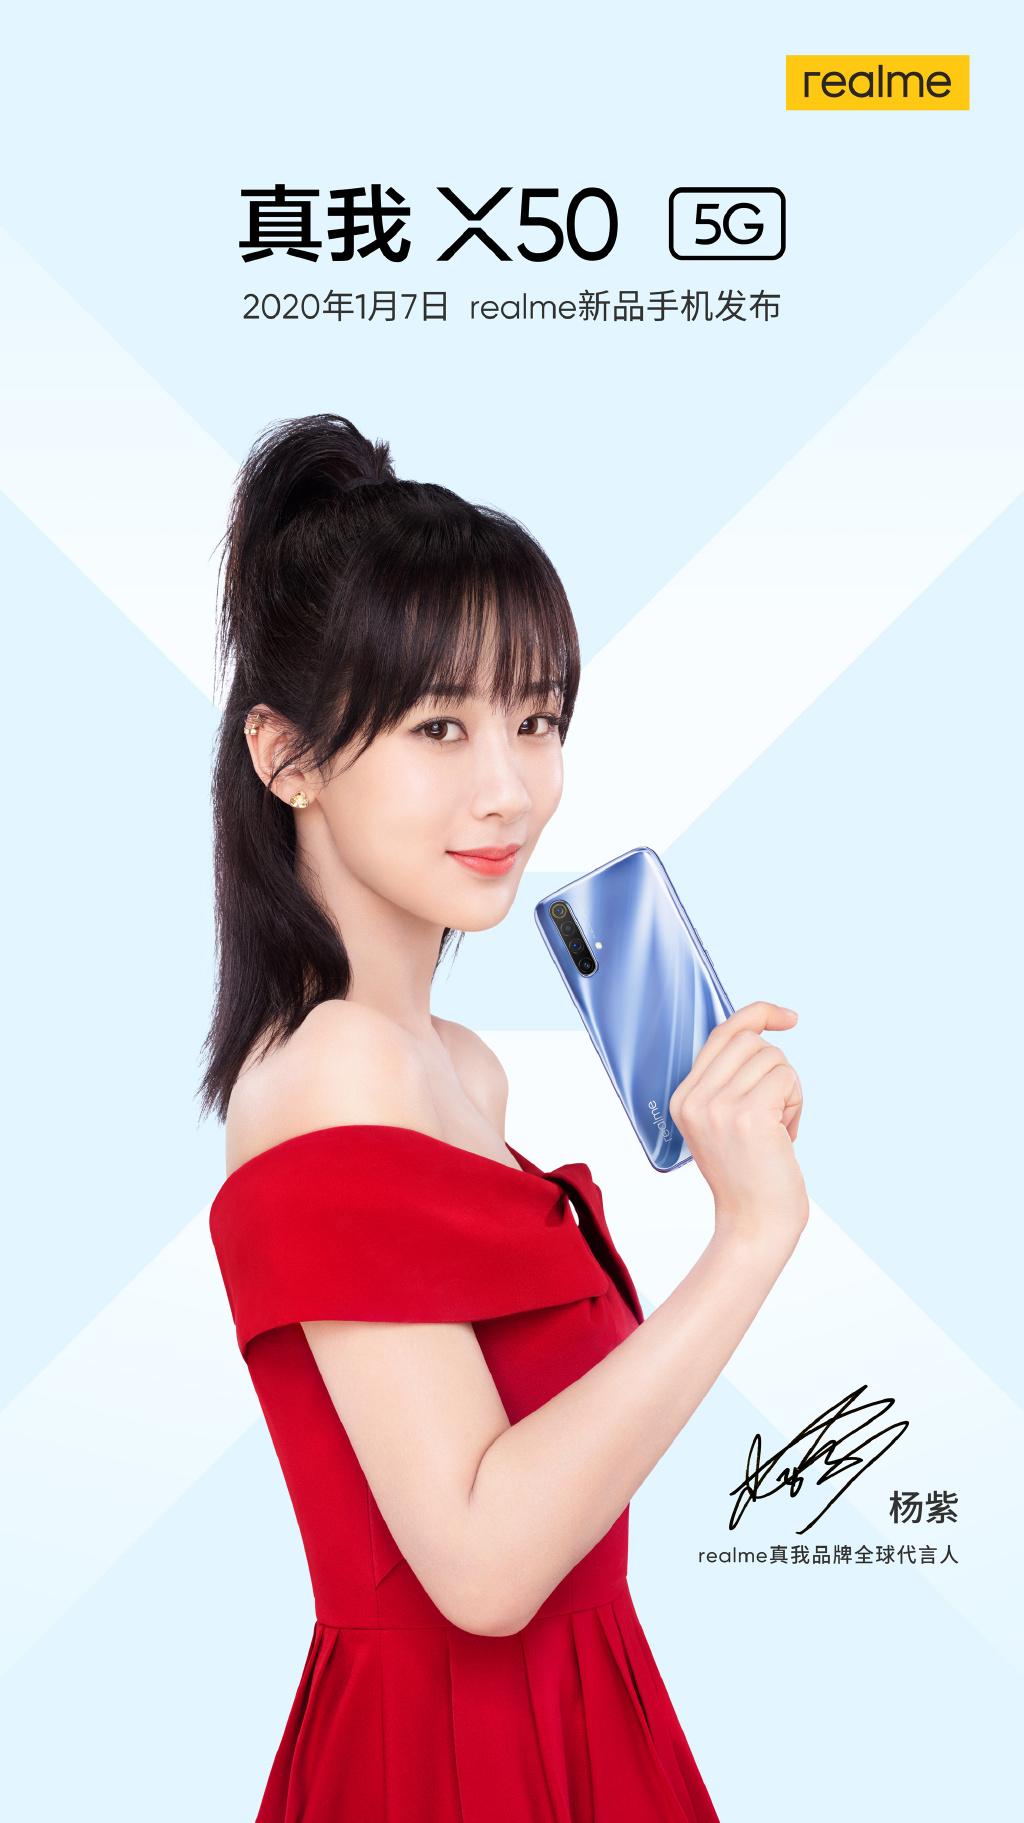 欧莱雅发布会_realme 宣布首位全球代言人杨紫